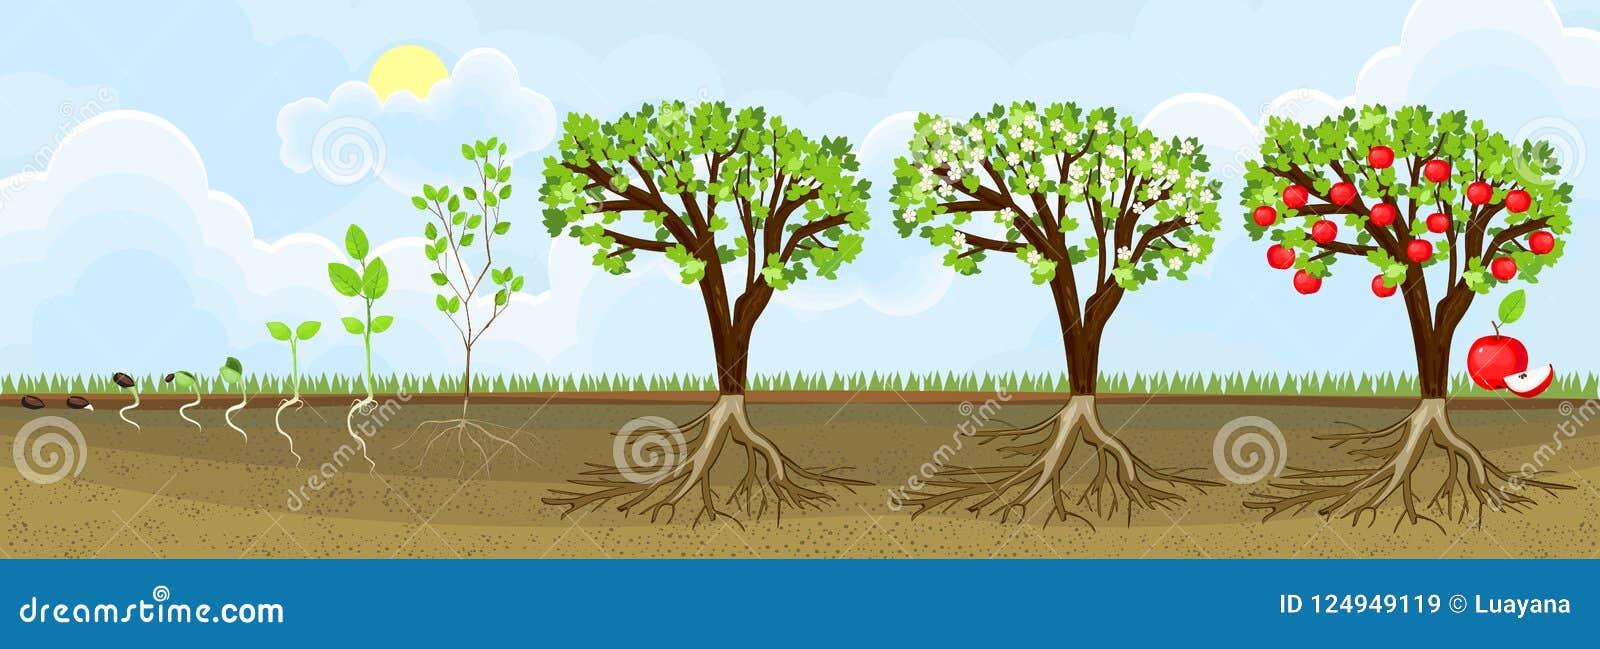 苹果树成长过程图片_苹果树的生命周期 成长阶段从种子的到成人植物用果子 向量例证 ...